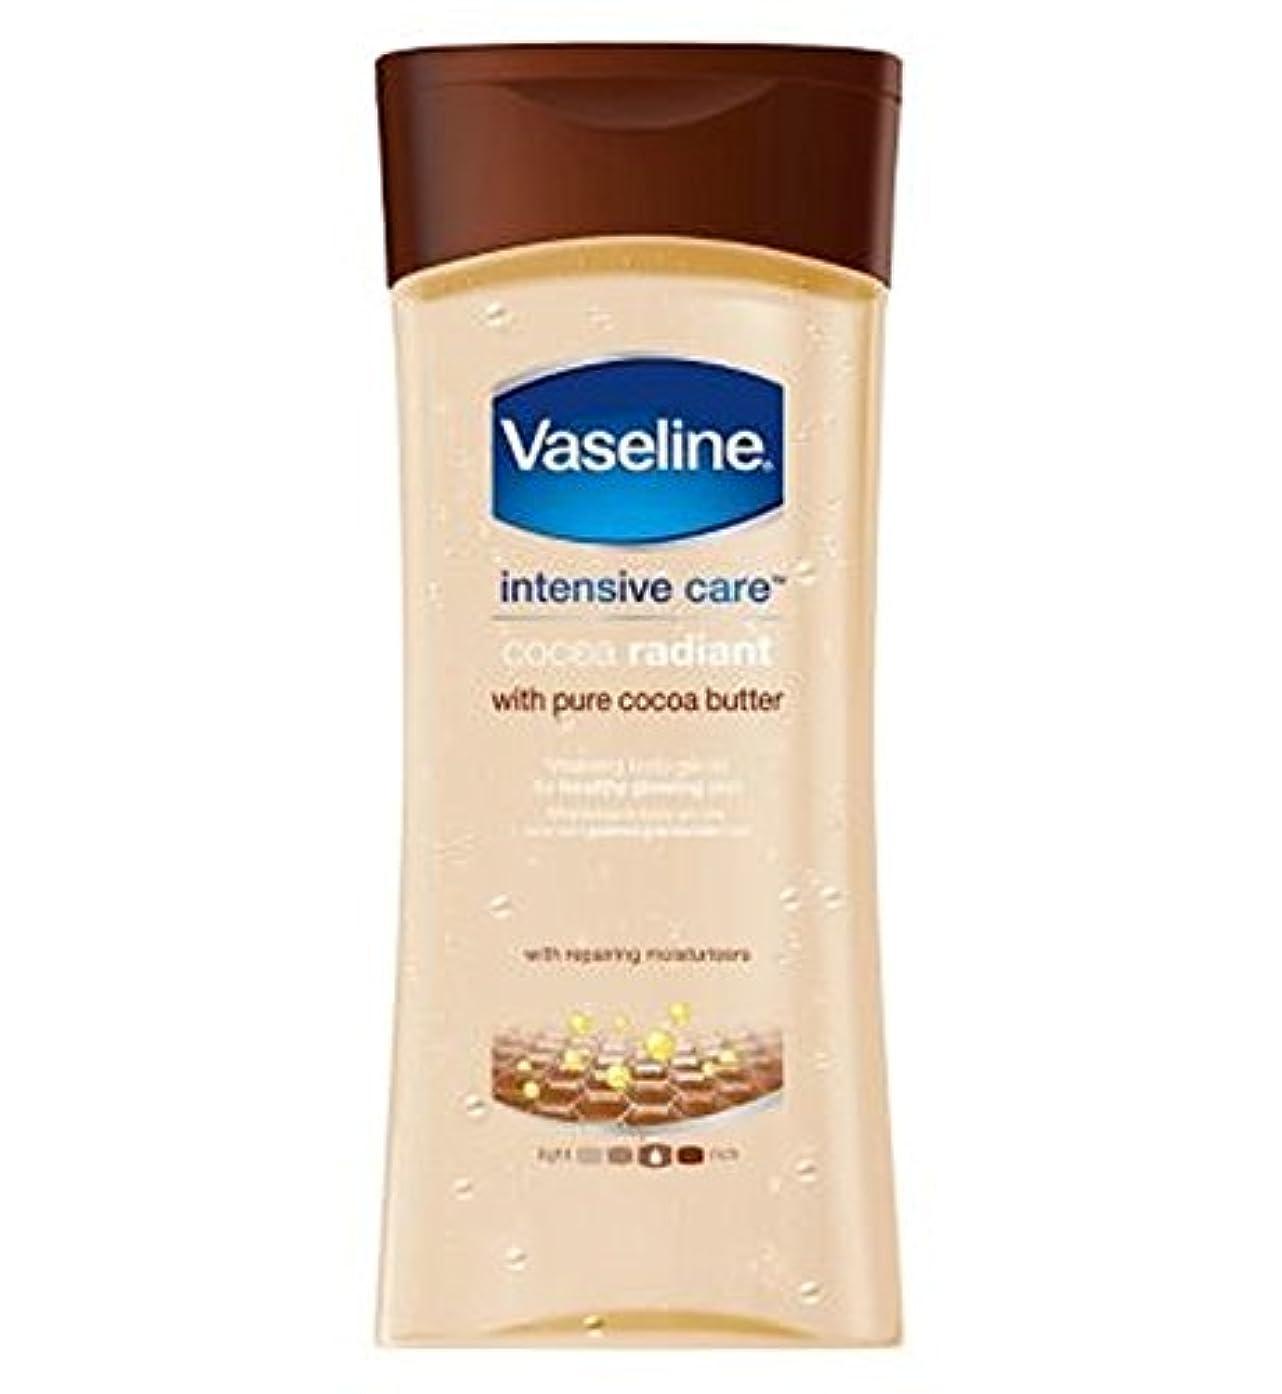 ベアリングに同意する柔らかさVaseline Intensive Care Cocoa Gel Oil 200ml - ワセリン集中治療ココアゲルオイル200ミリリットル (Vaseline) [並行輸入品]